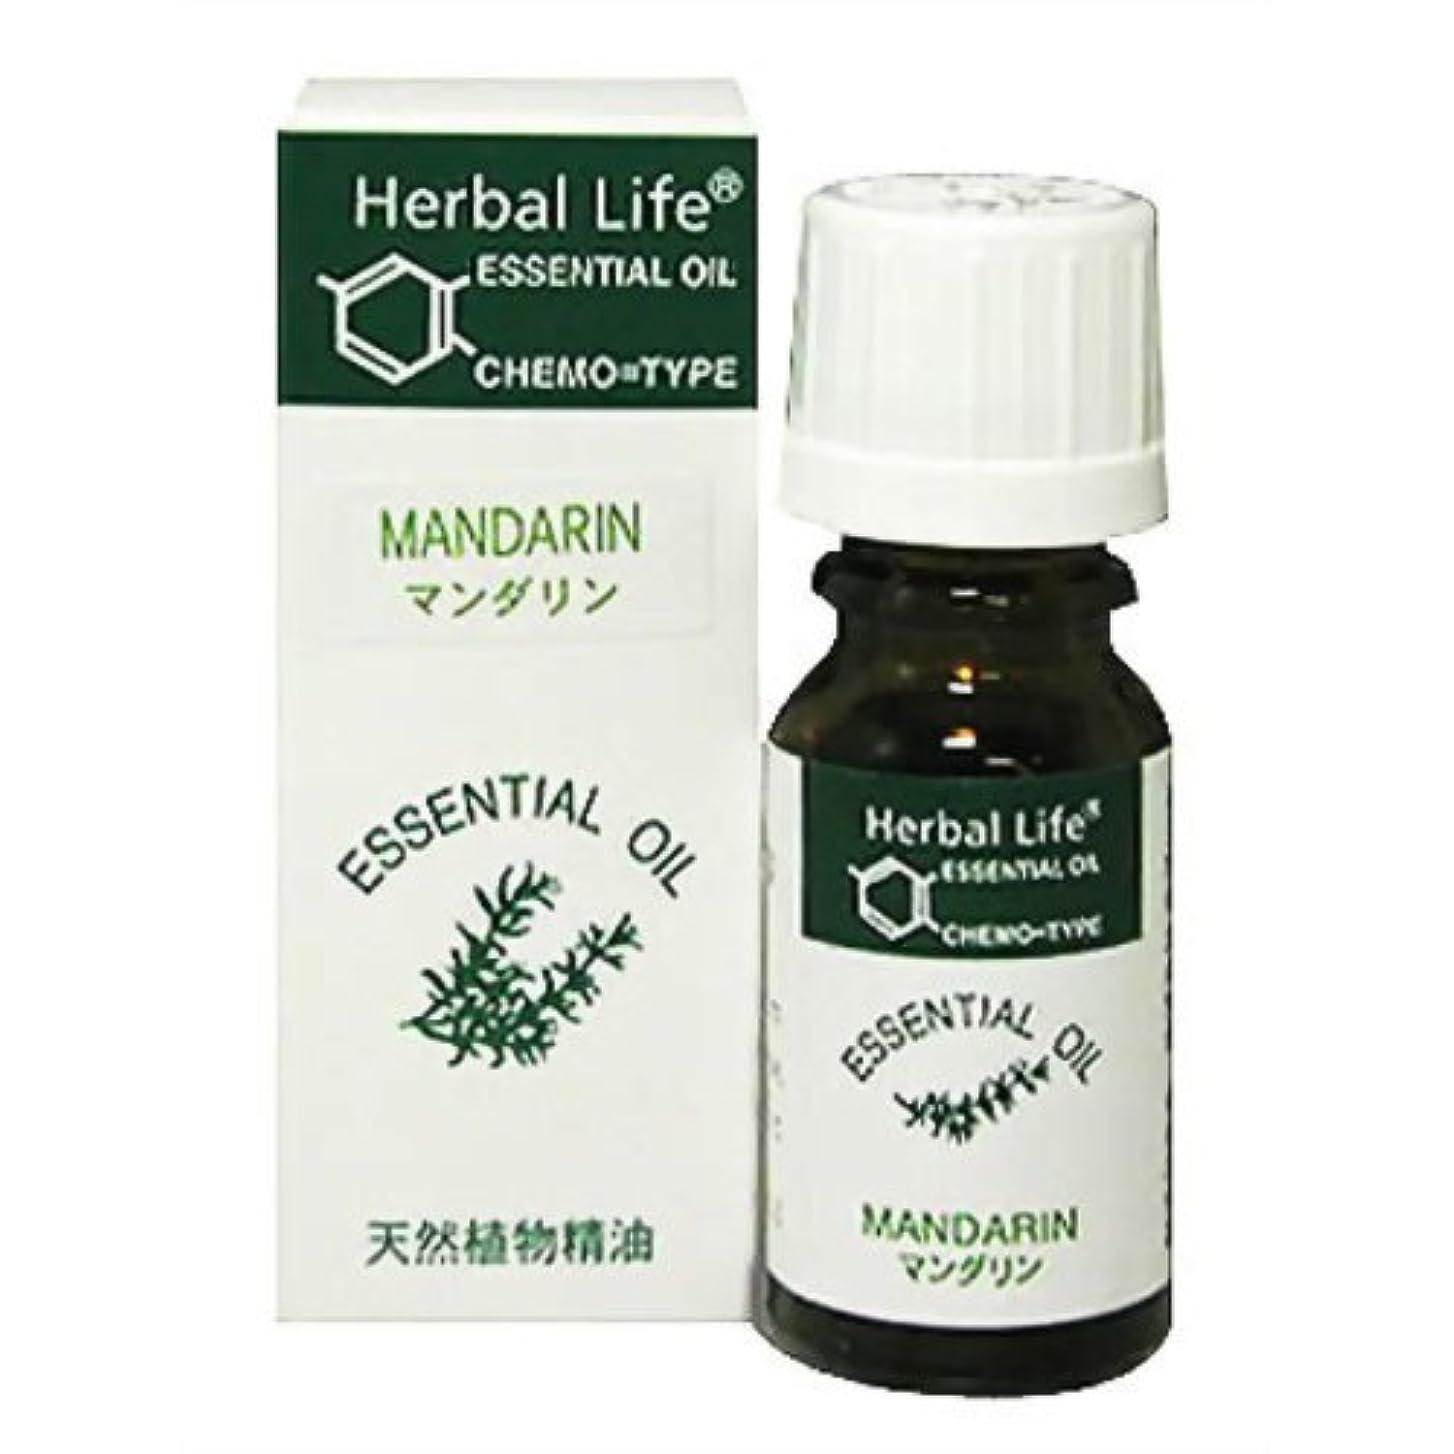 の拒絶ちょっと待って生活の木 Herbal Life マンダリン 10ml